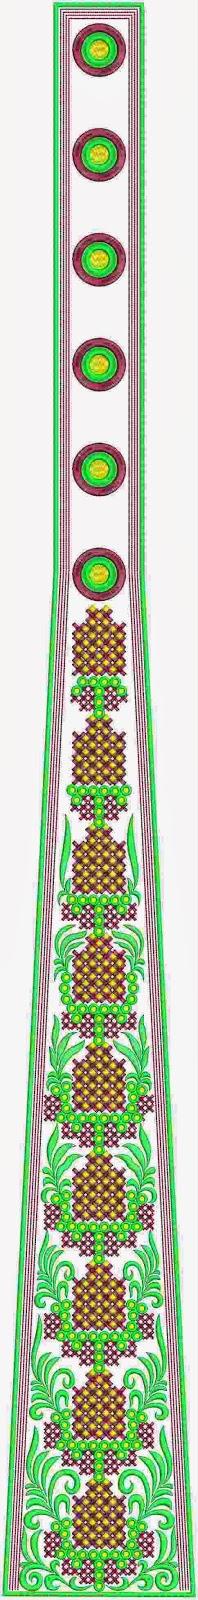 Doriese chiton patroon veelkleurige kali appliekwerk